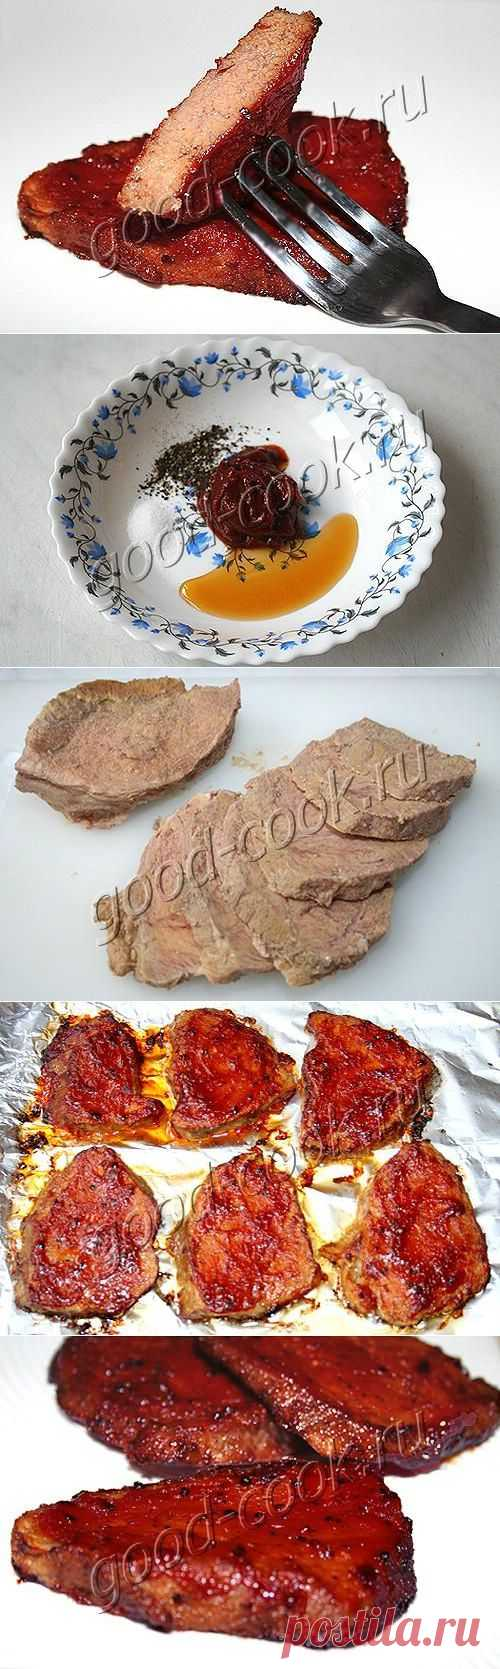 Хорошая кухня - вымя в пикантной глазури. Кулинарная книга рецептов. Салаты, выпечка.